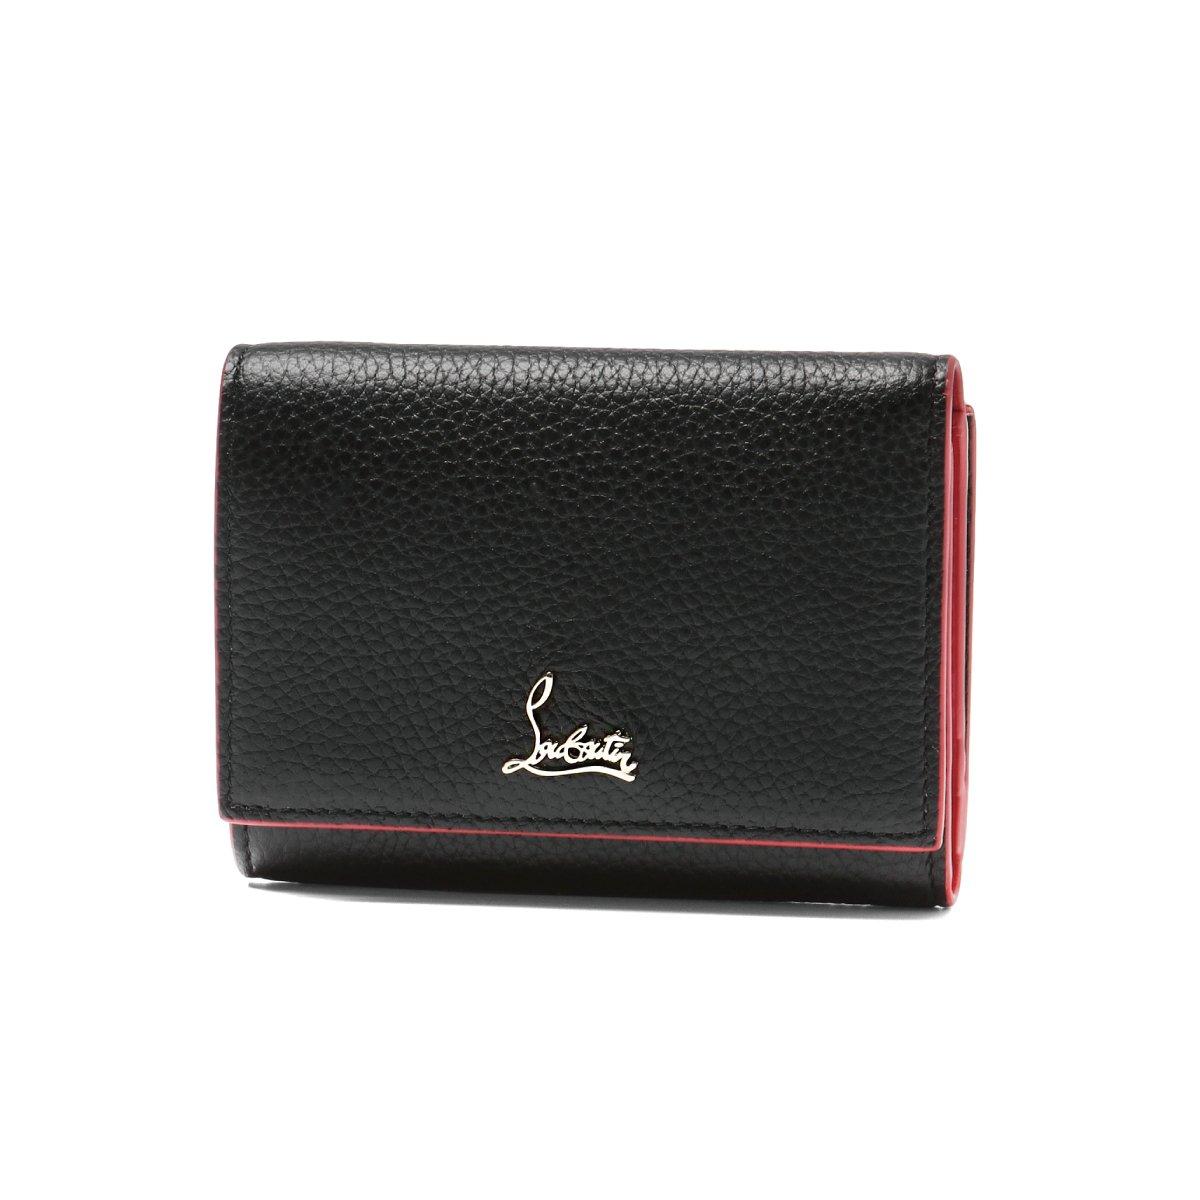 (クリスチャン ルブタン) Christian Louboutin 三つ折り財布 ミニ BOUDOIR ブラック 1185120 CM6S [並行輸入品] B07B4QGC52